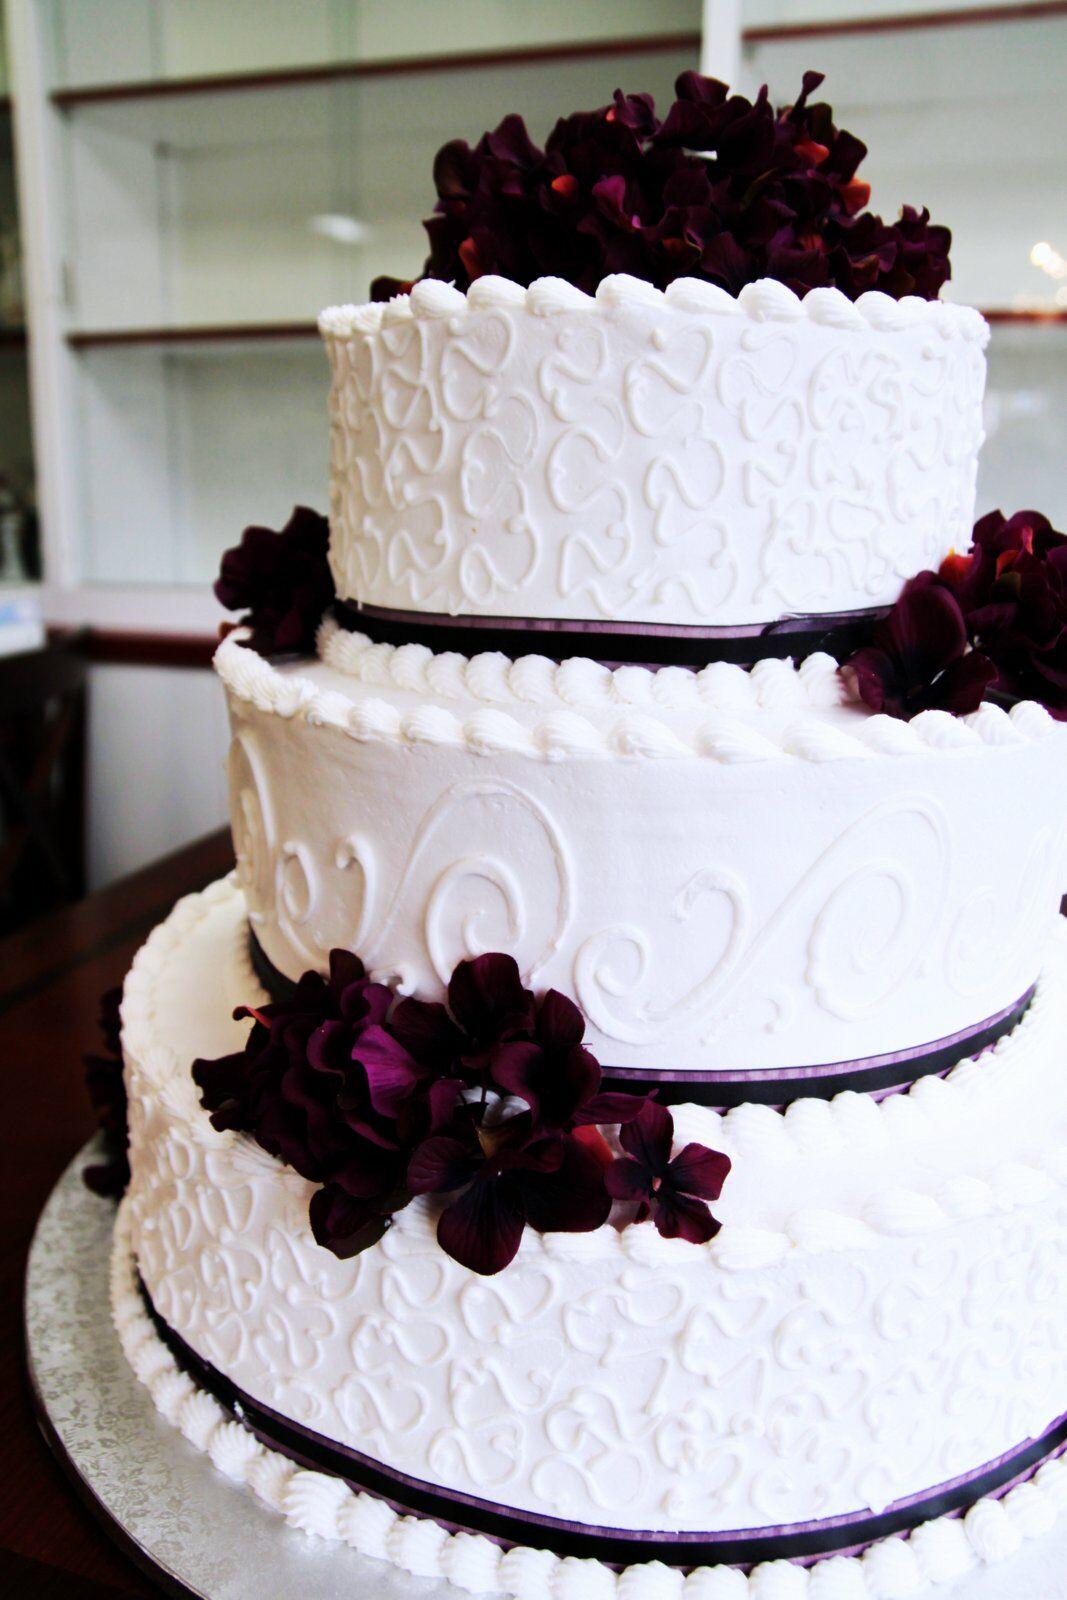 Colozza S Bakery Wedding Cakes Parma Oh